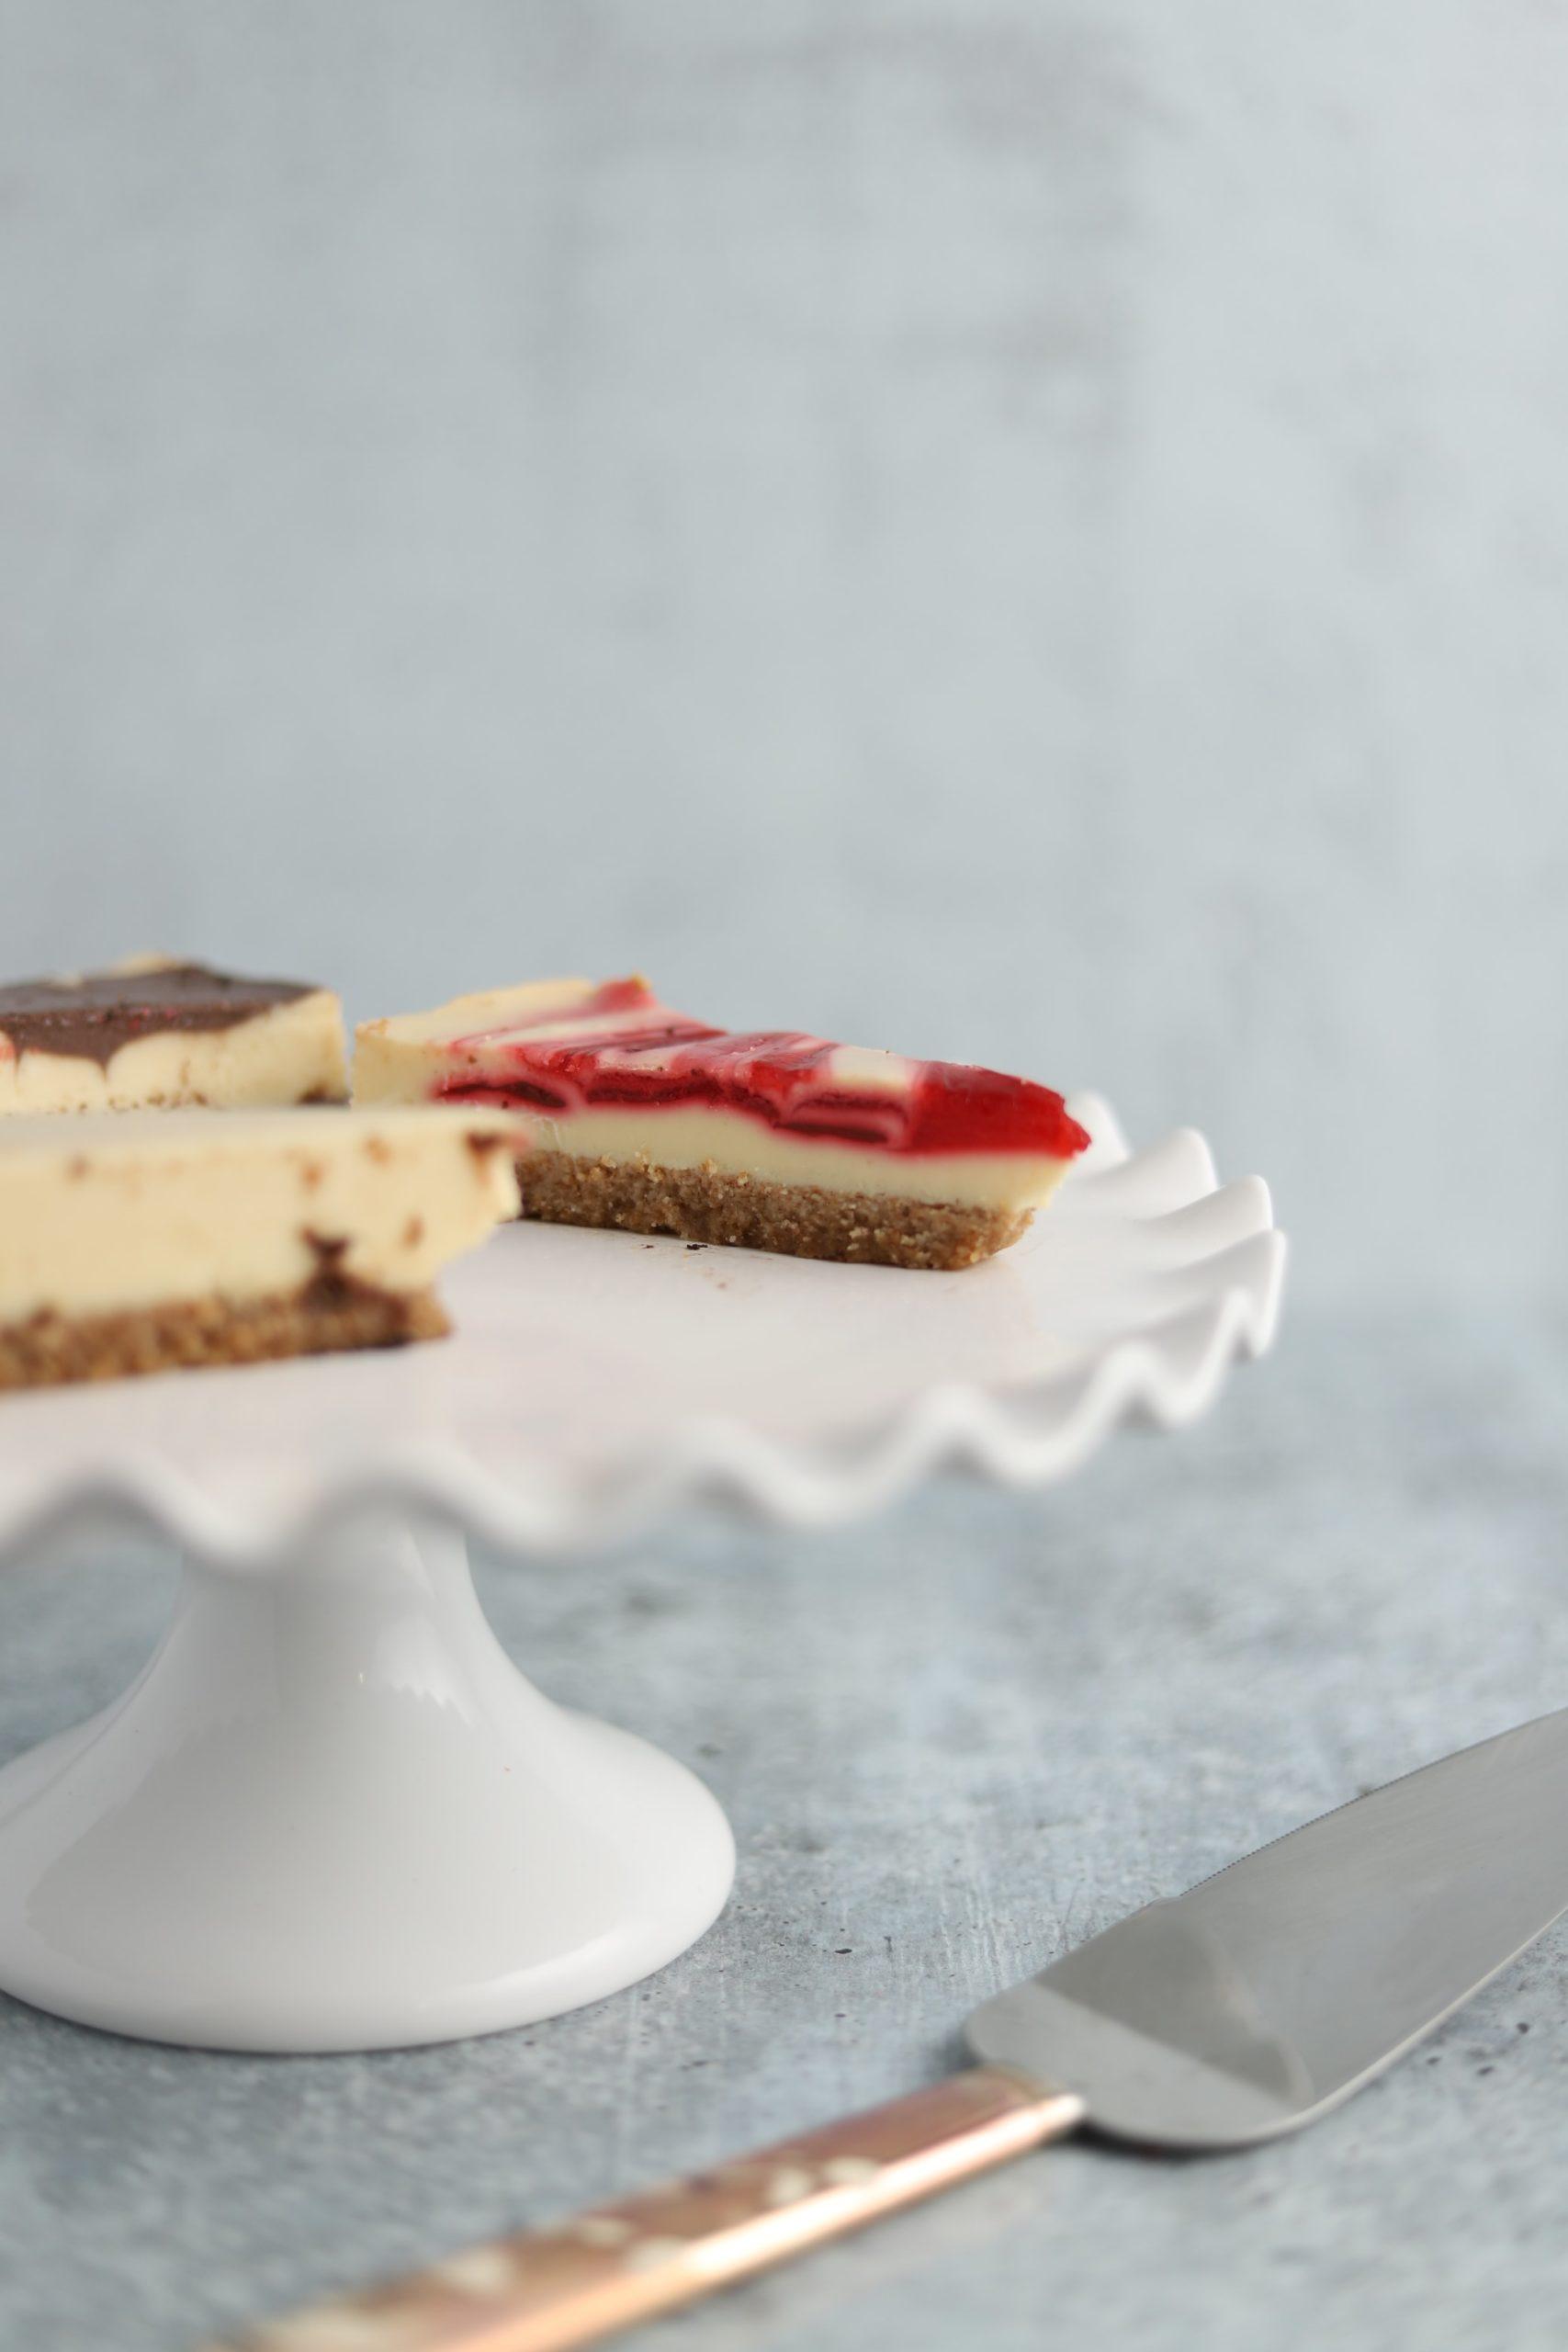 Biała czekolada do sernika